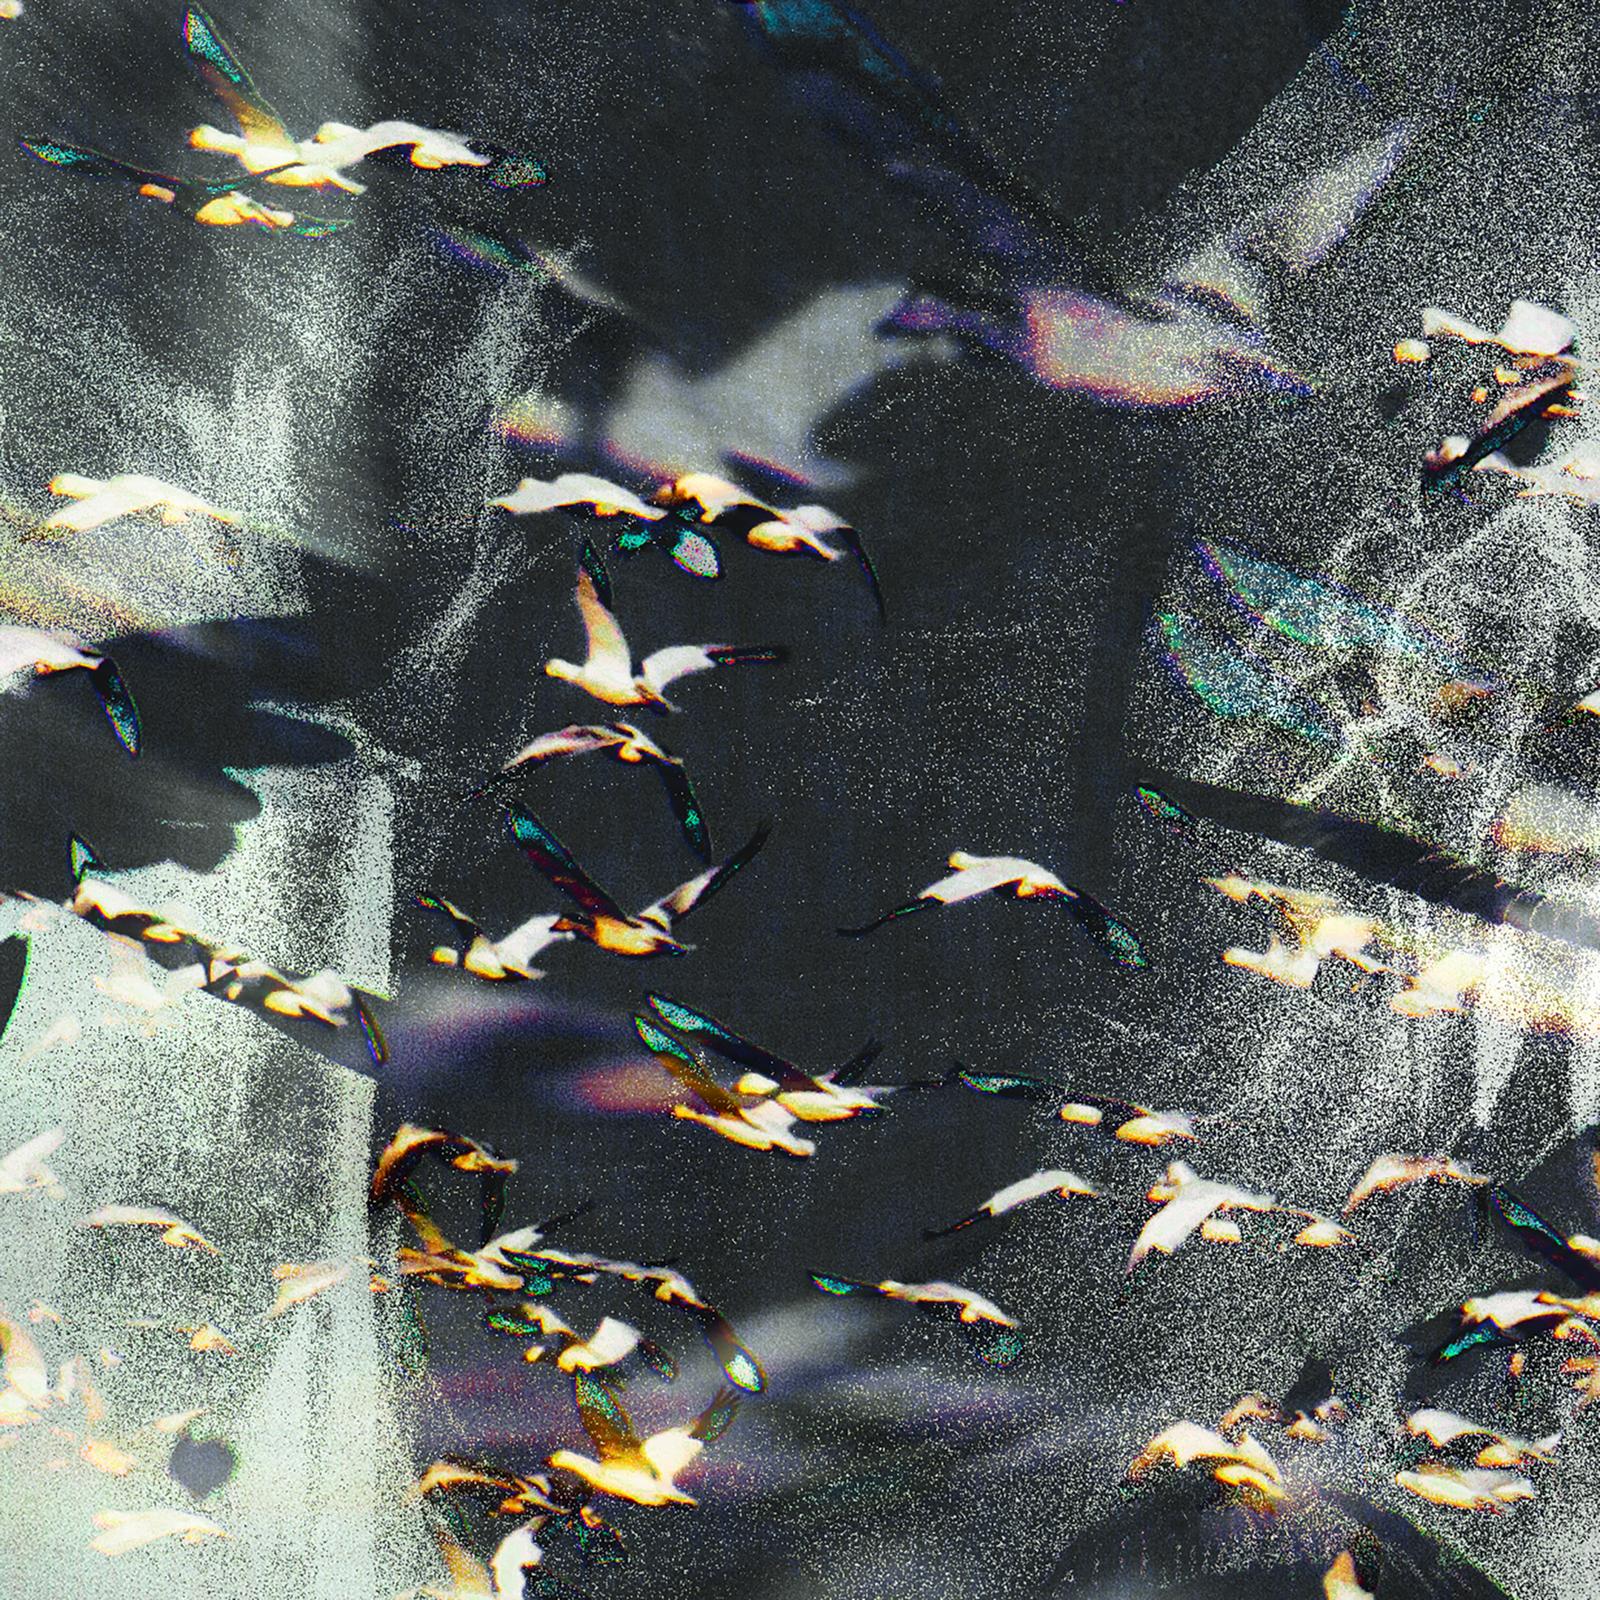 Décembre 1h05 format 30x30 de Marjorie art représentant de manière abstraite l'envolée des oies